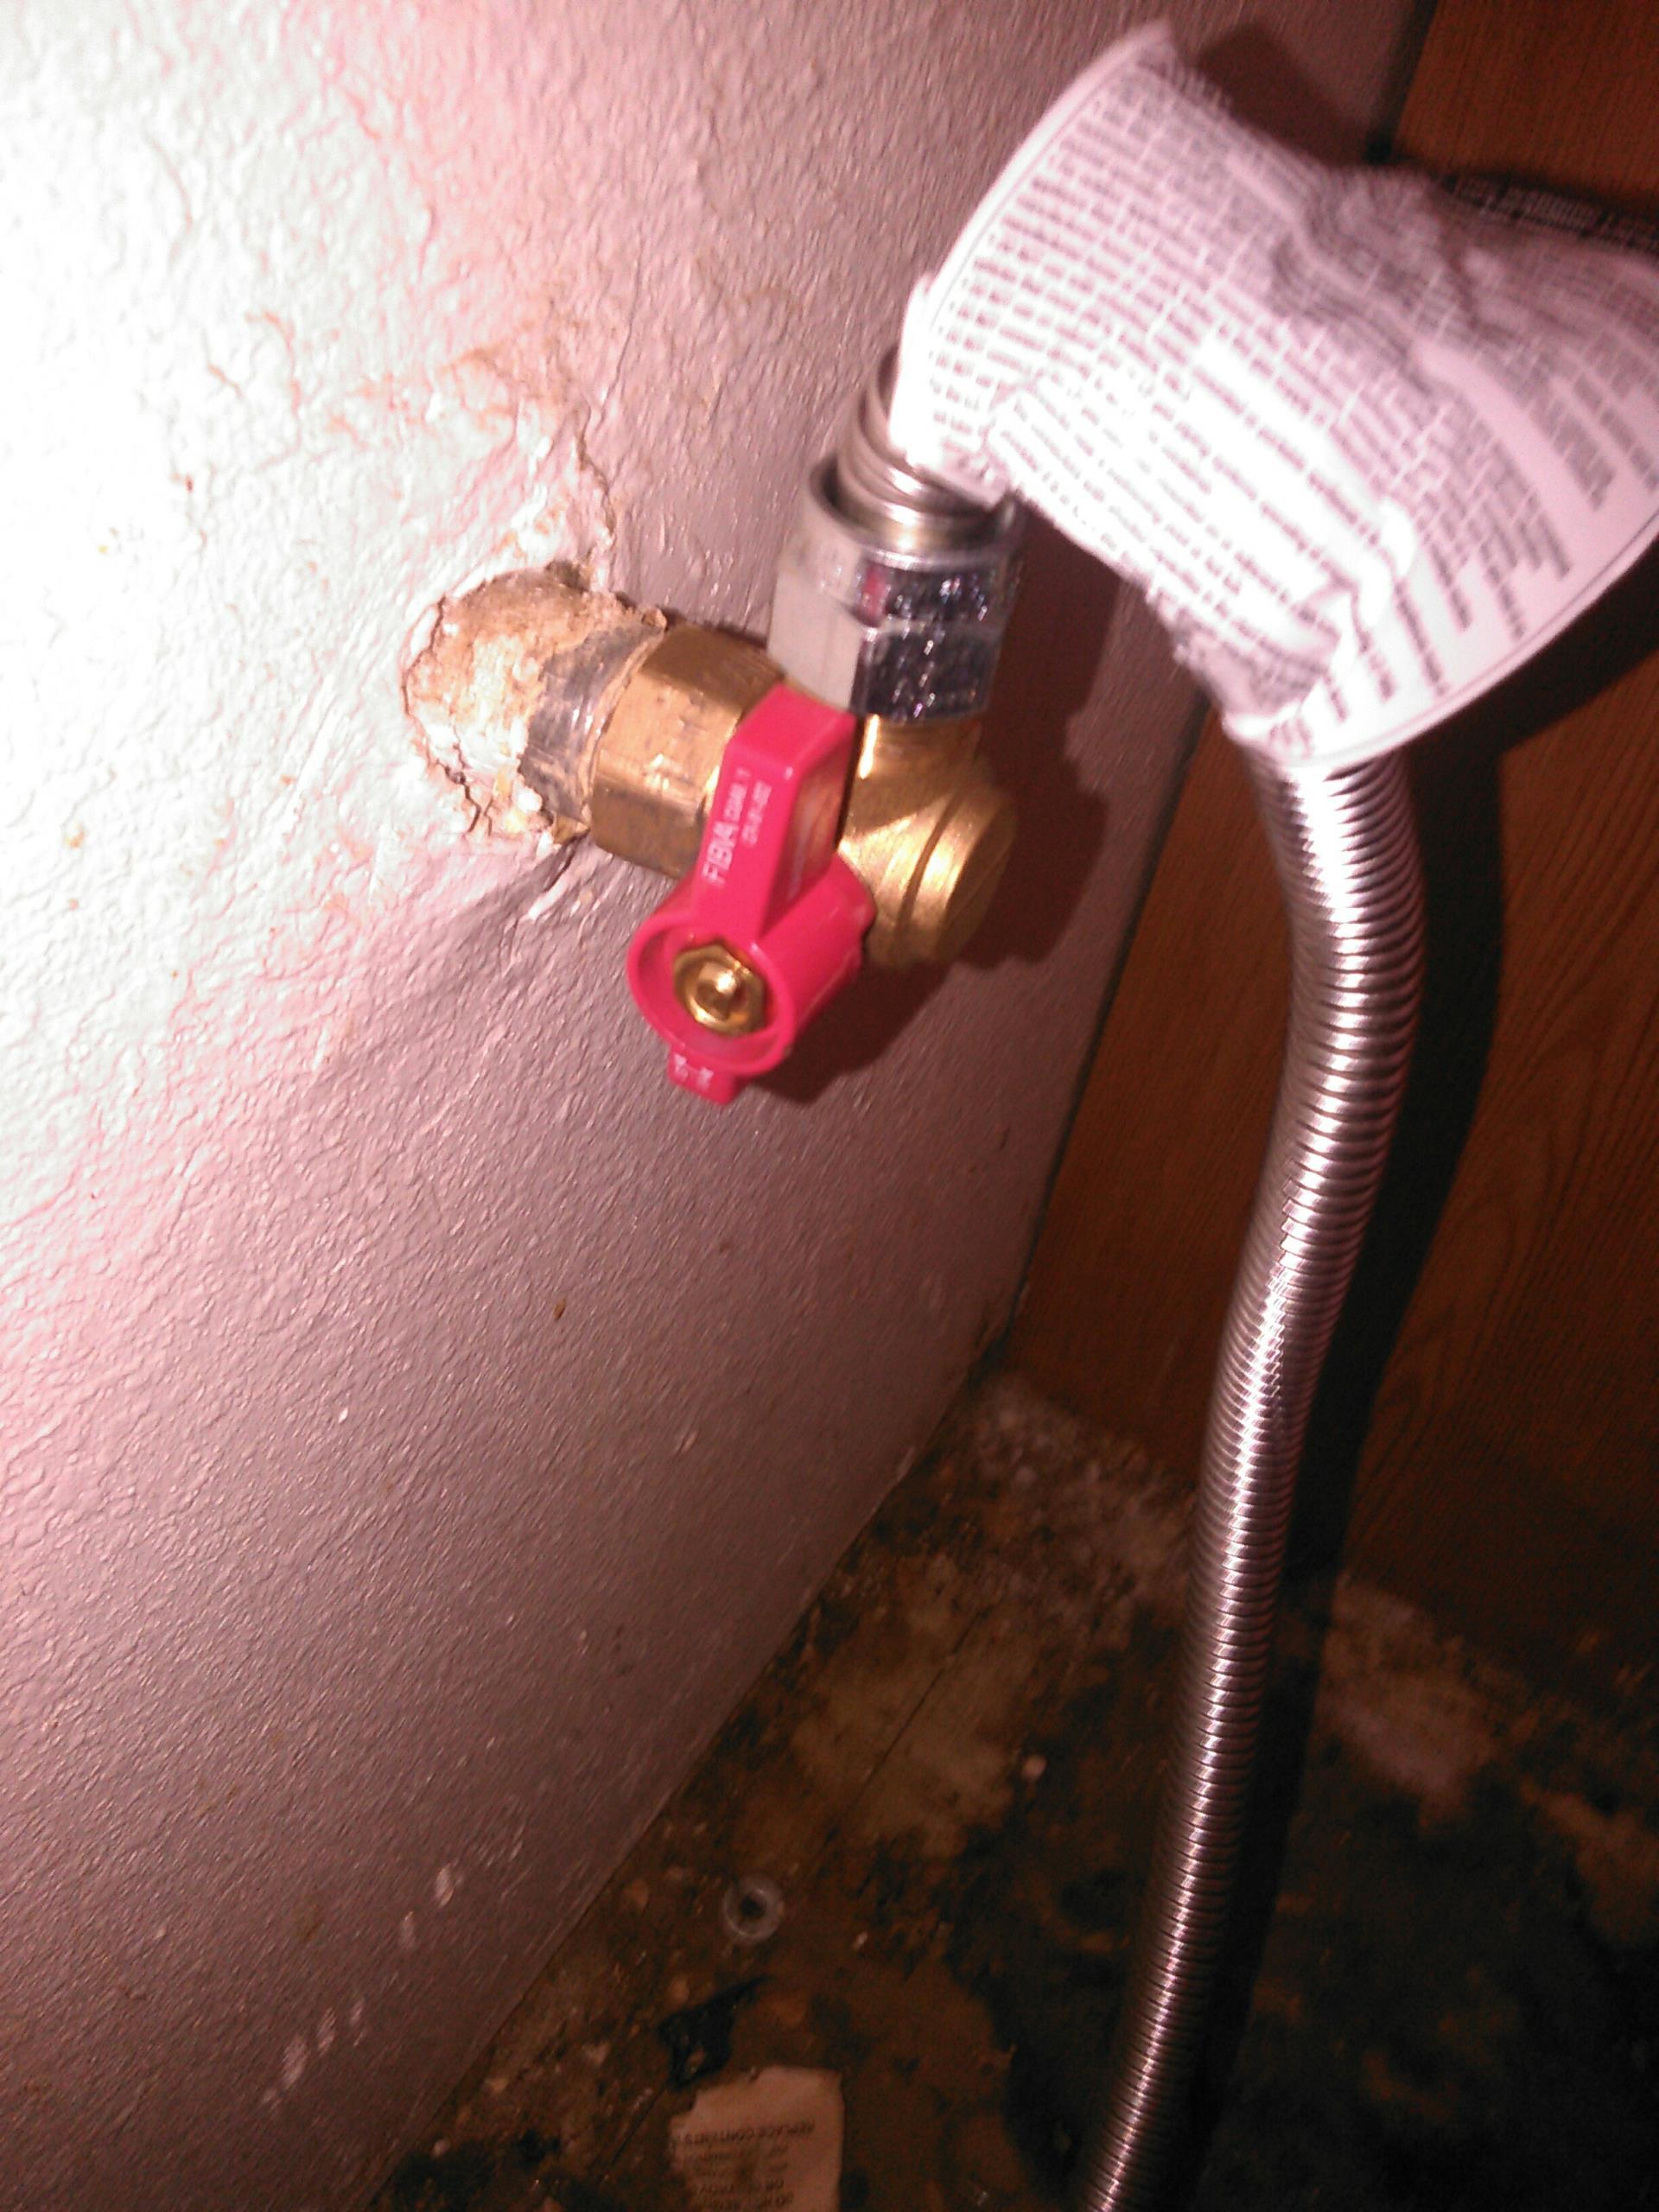 Norco, CA - Gas valve